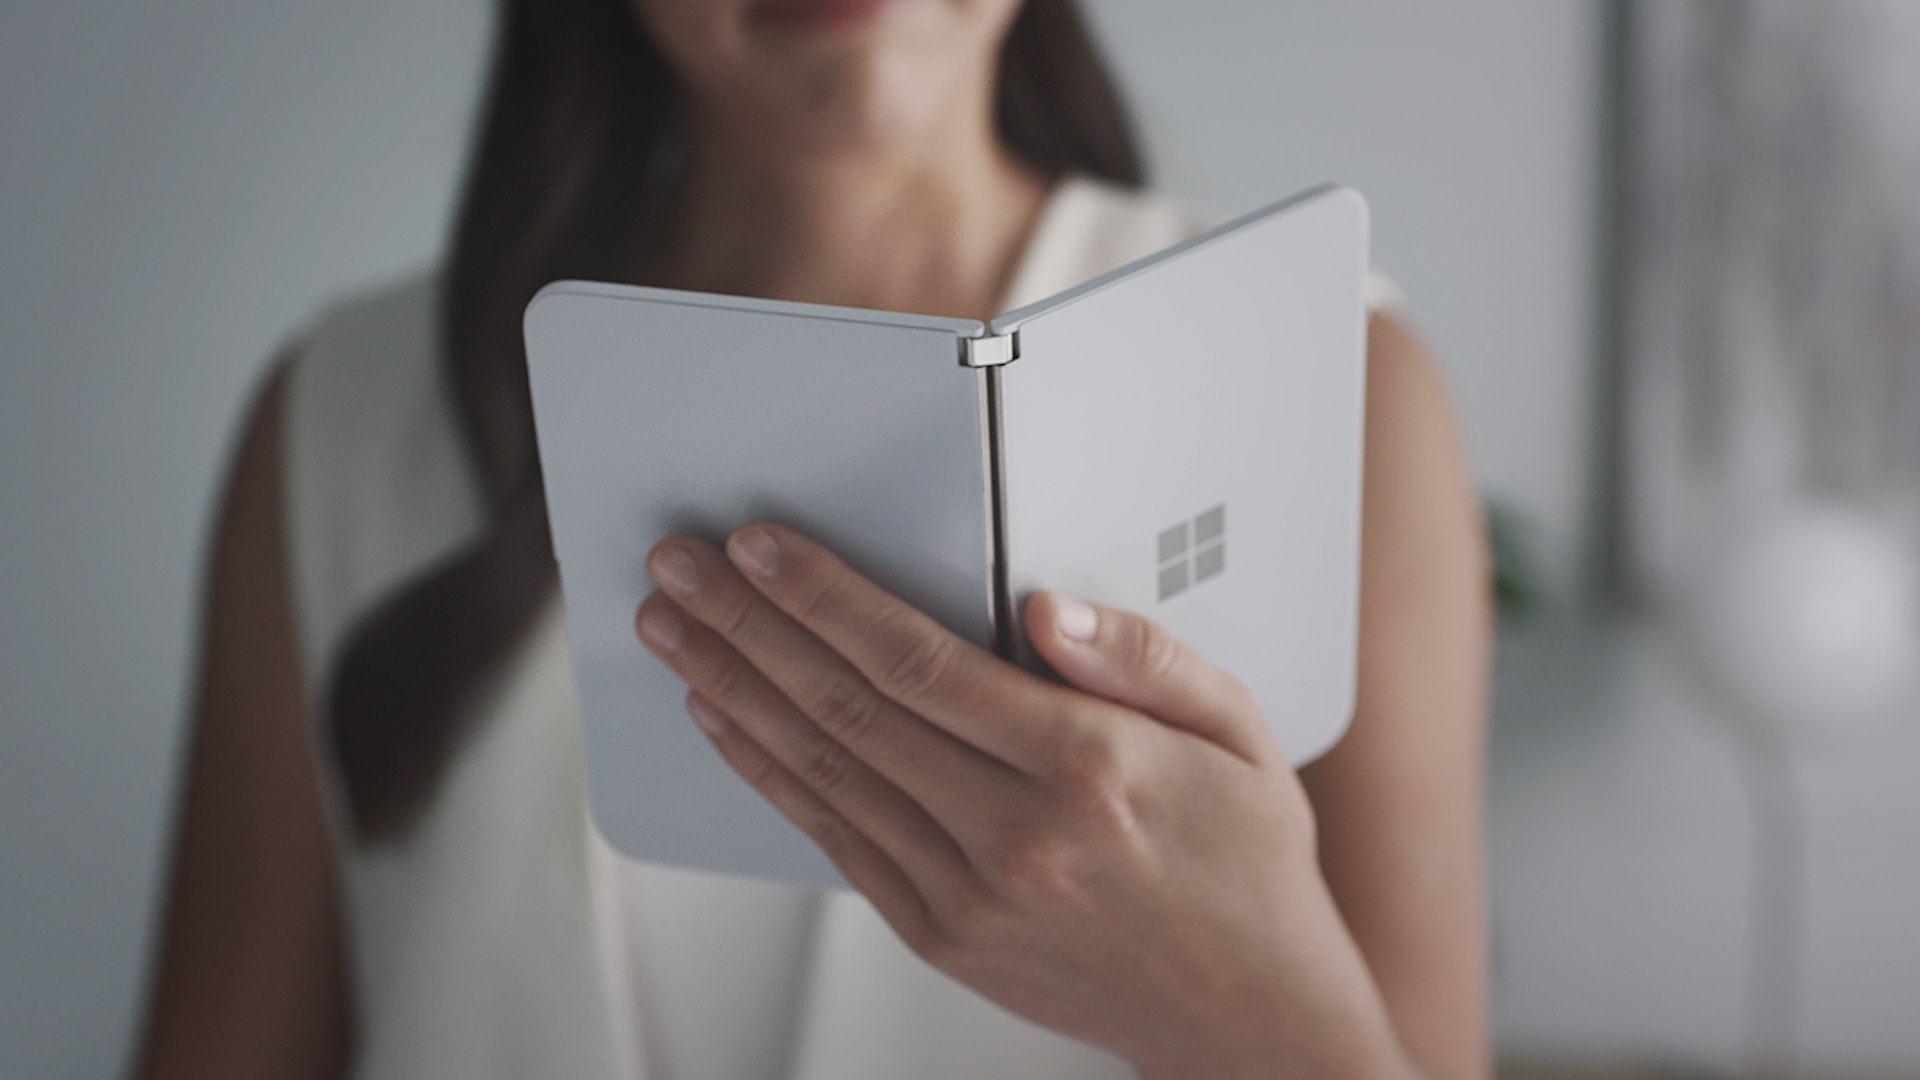 O celular da Microsoft e a única pergunta possível — por quê?